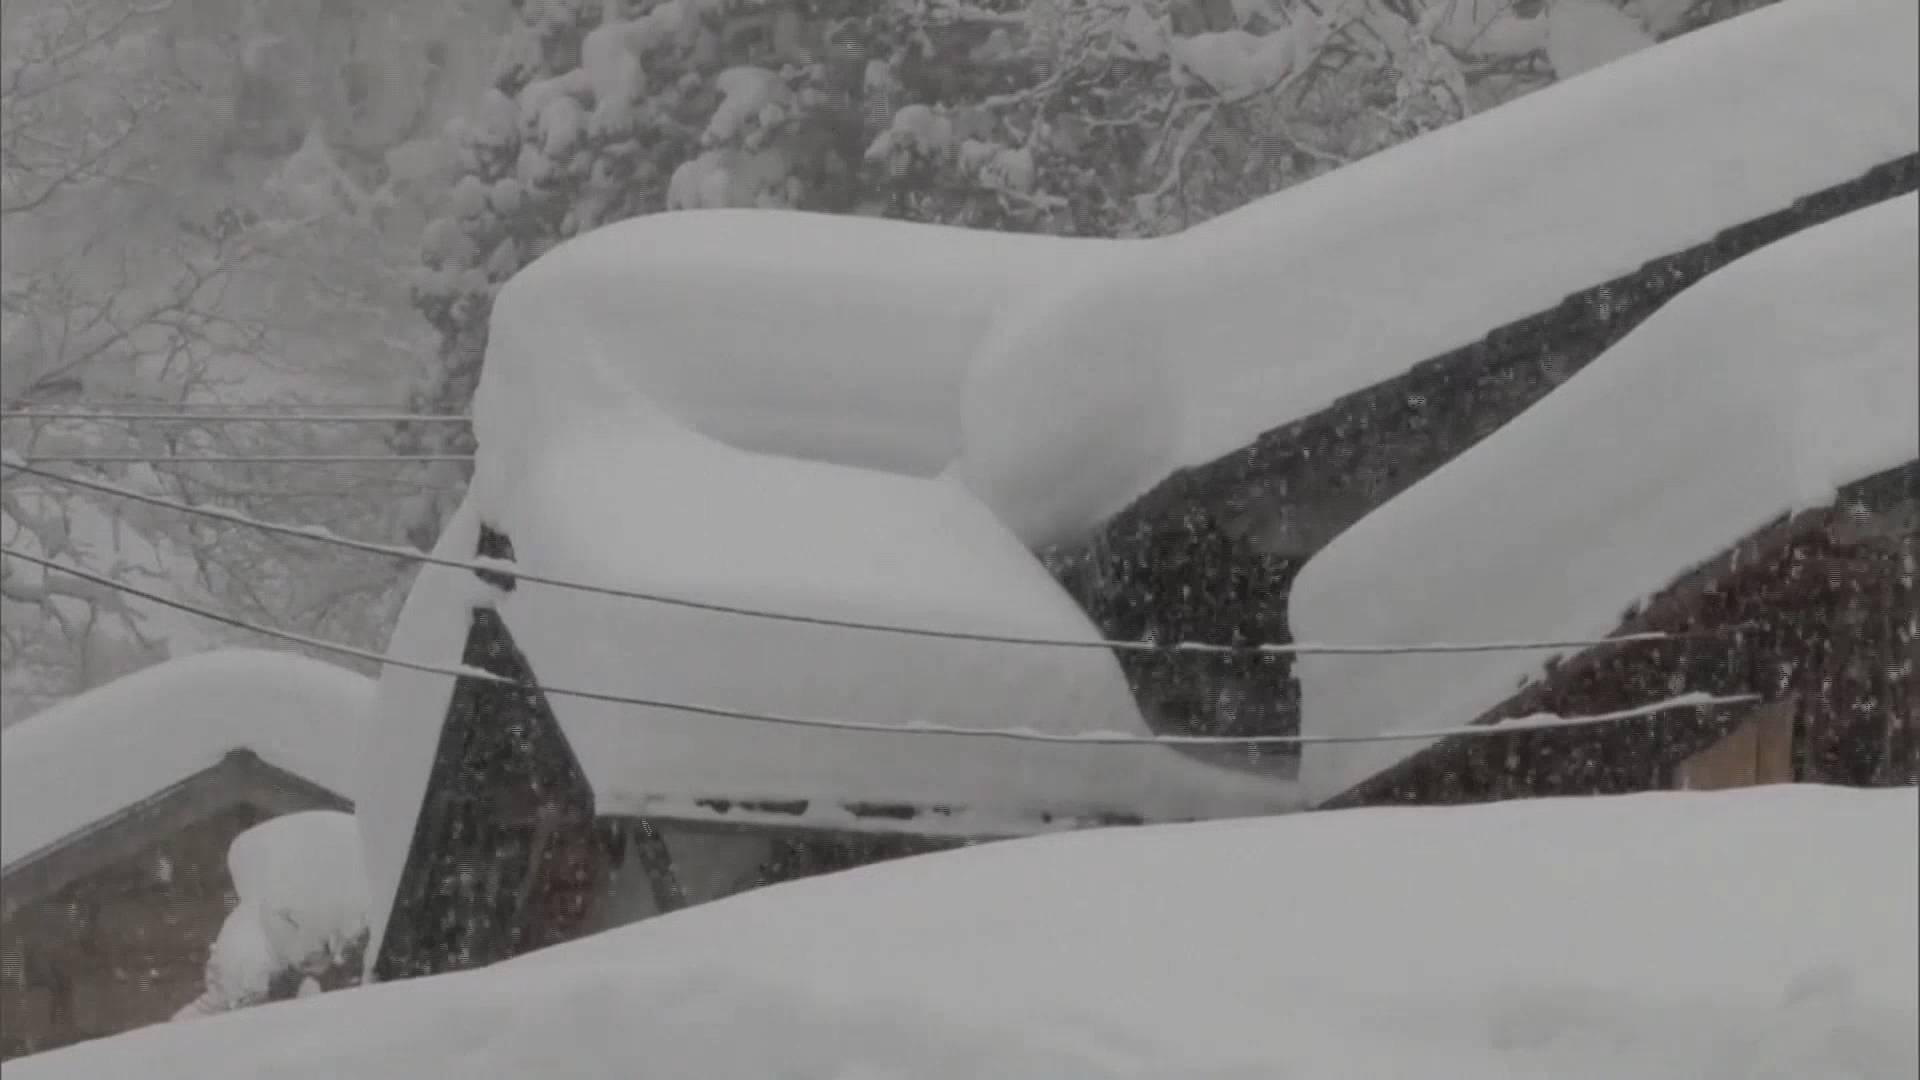 35秒丨日本多地连降大雪部分地区积雪厚度超2米 已造成至少10人死亡